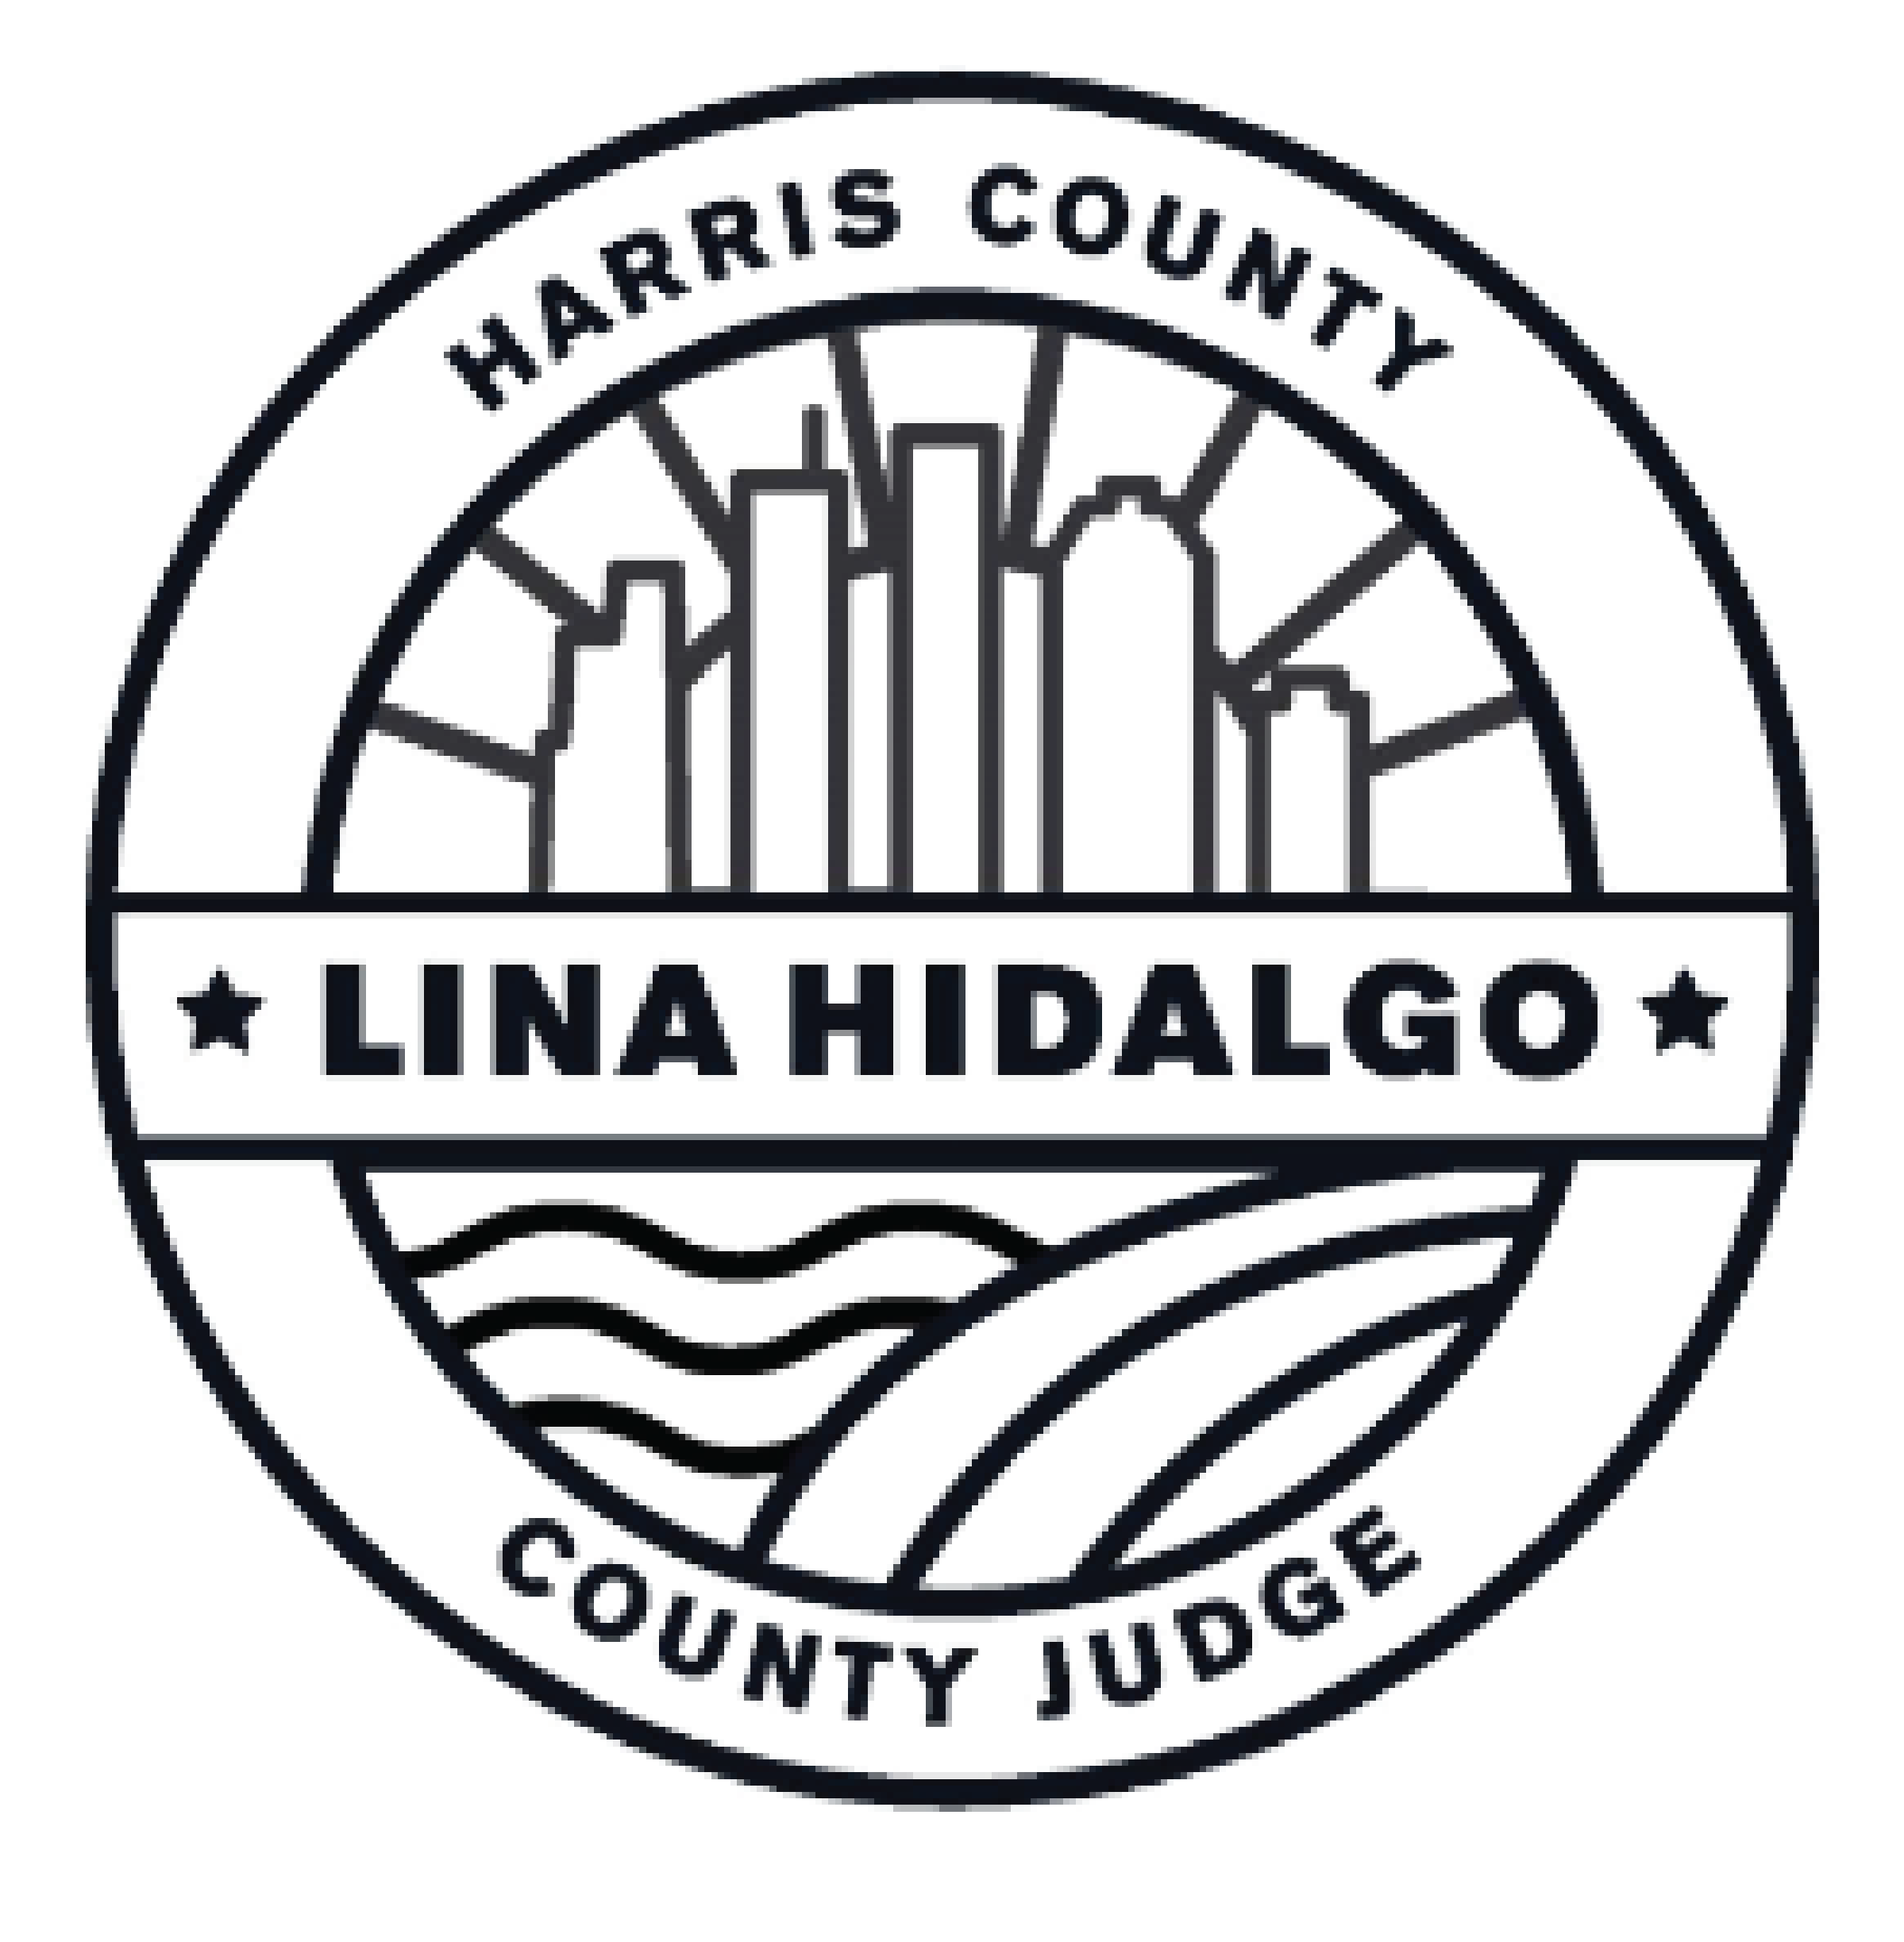 Lina Hidalgo Harris County Judge Logo